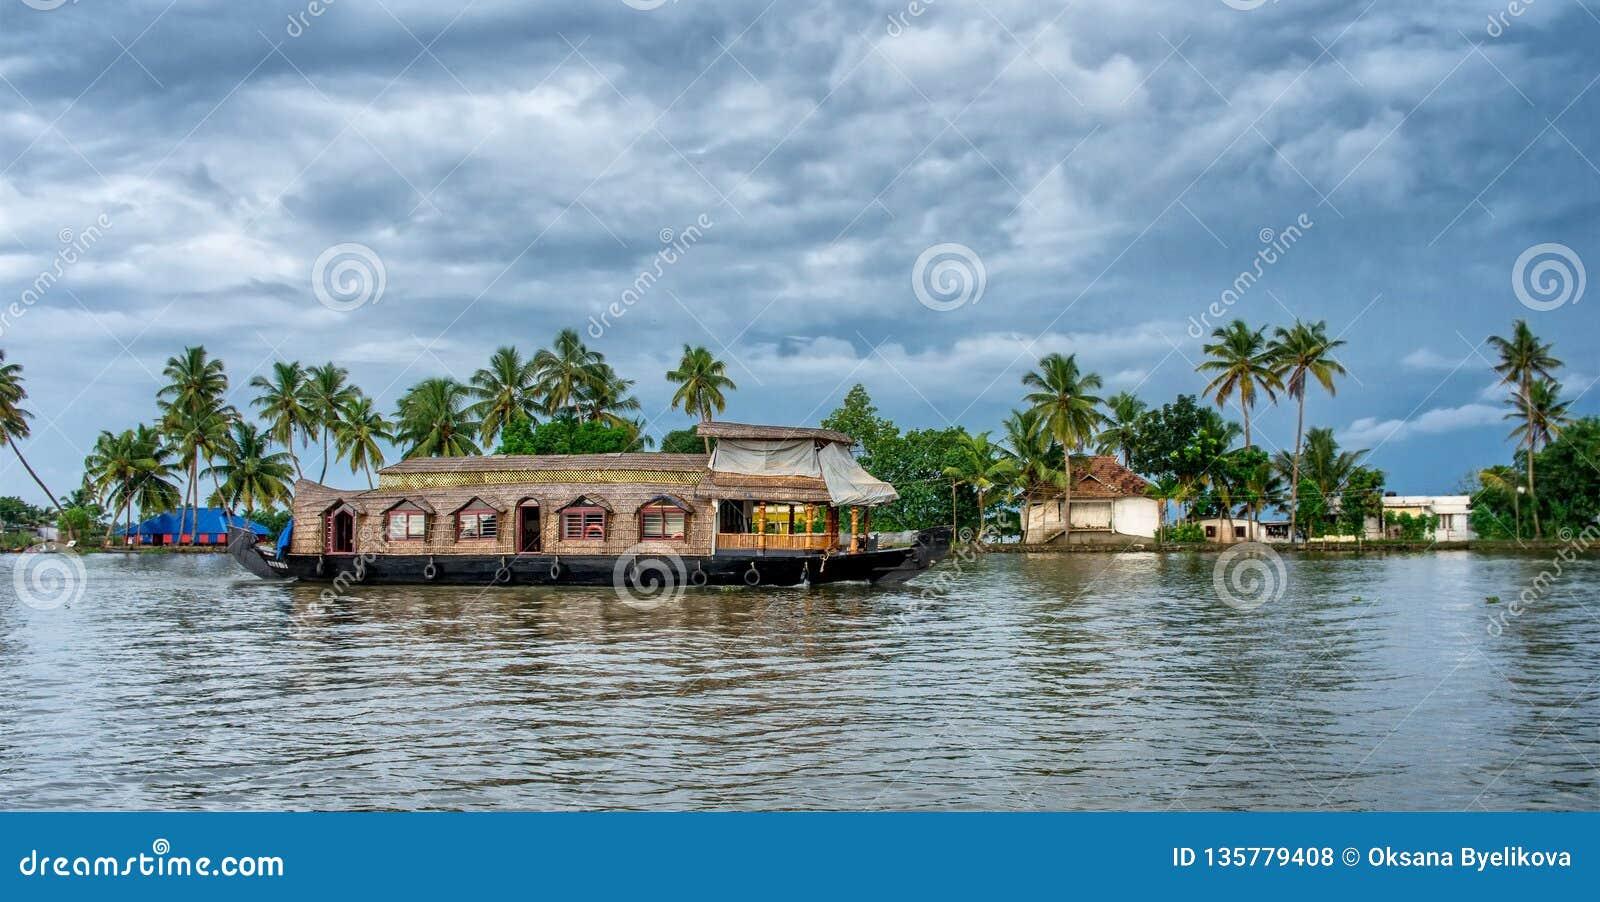 Bateau-maison indien traditionnel au Kerala, Inde